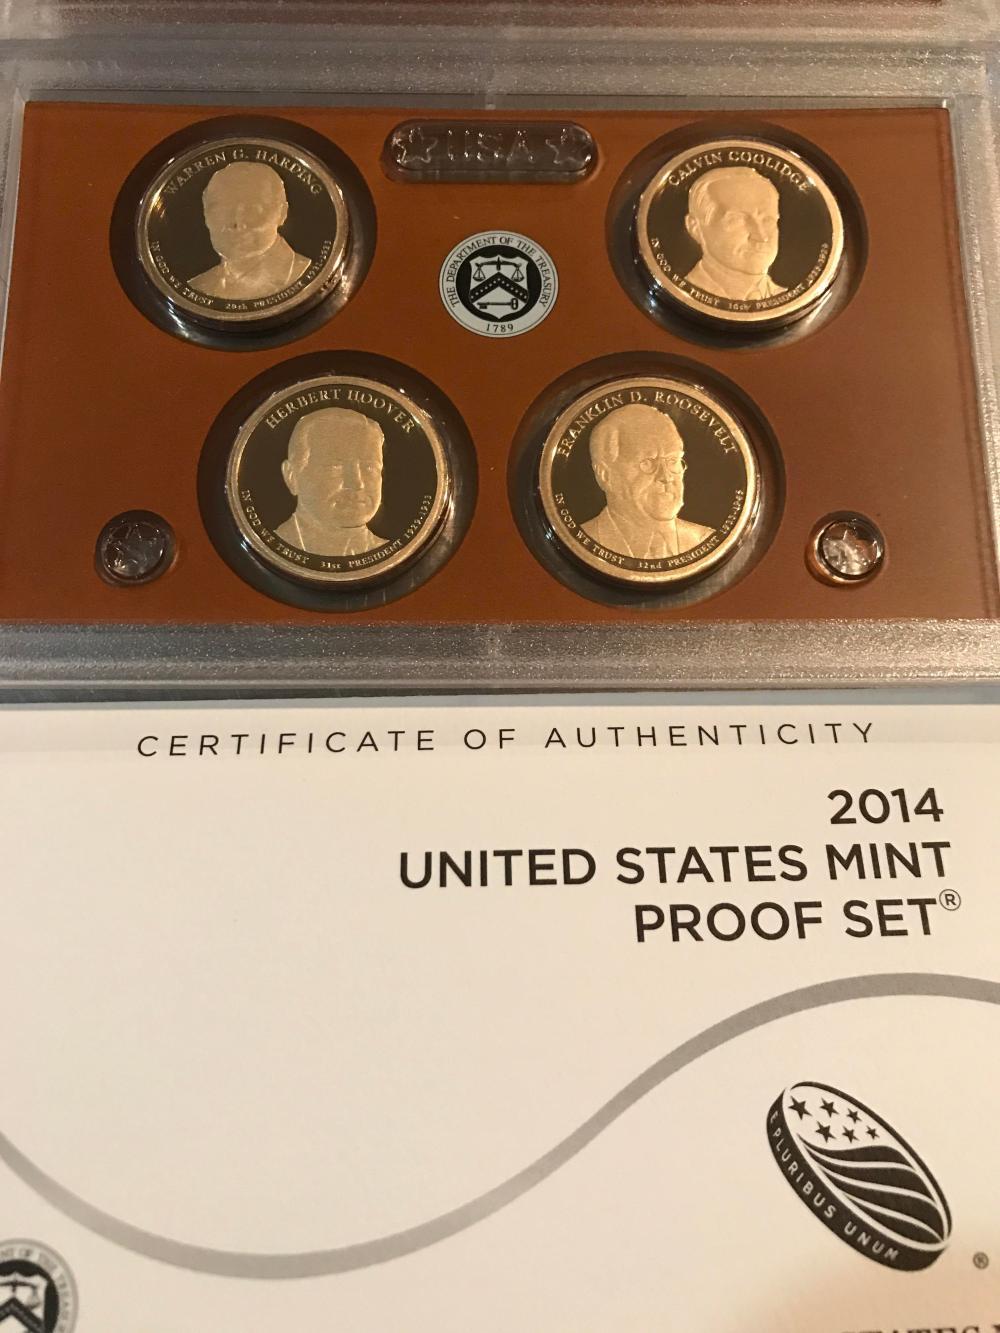 Lot 176: 2014 United States mint proof set